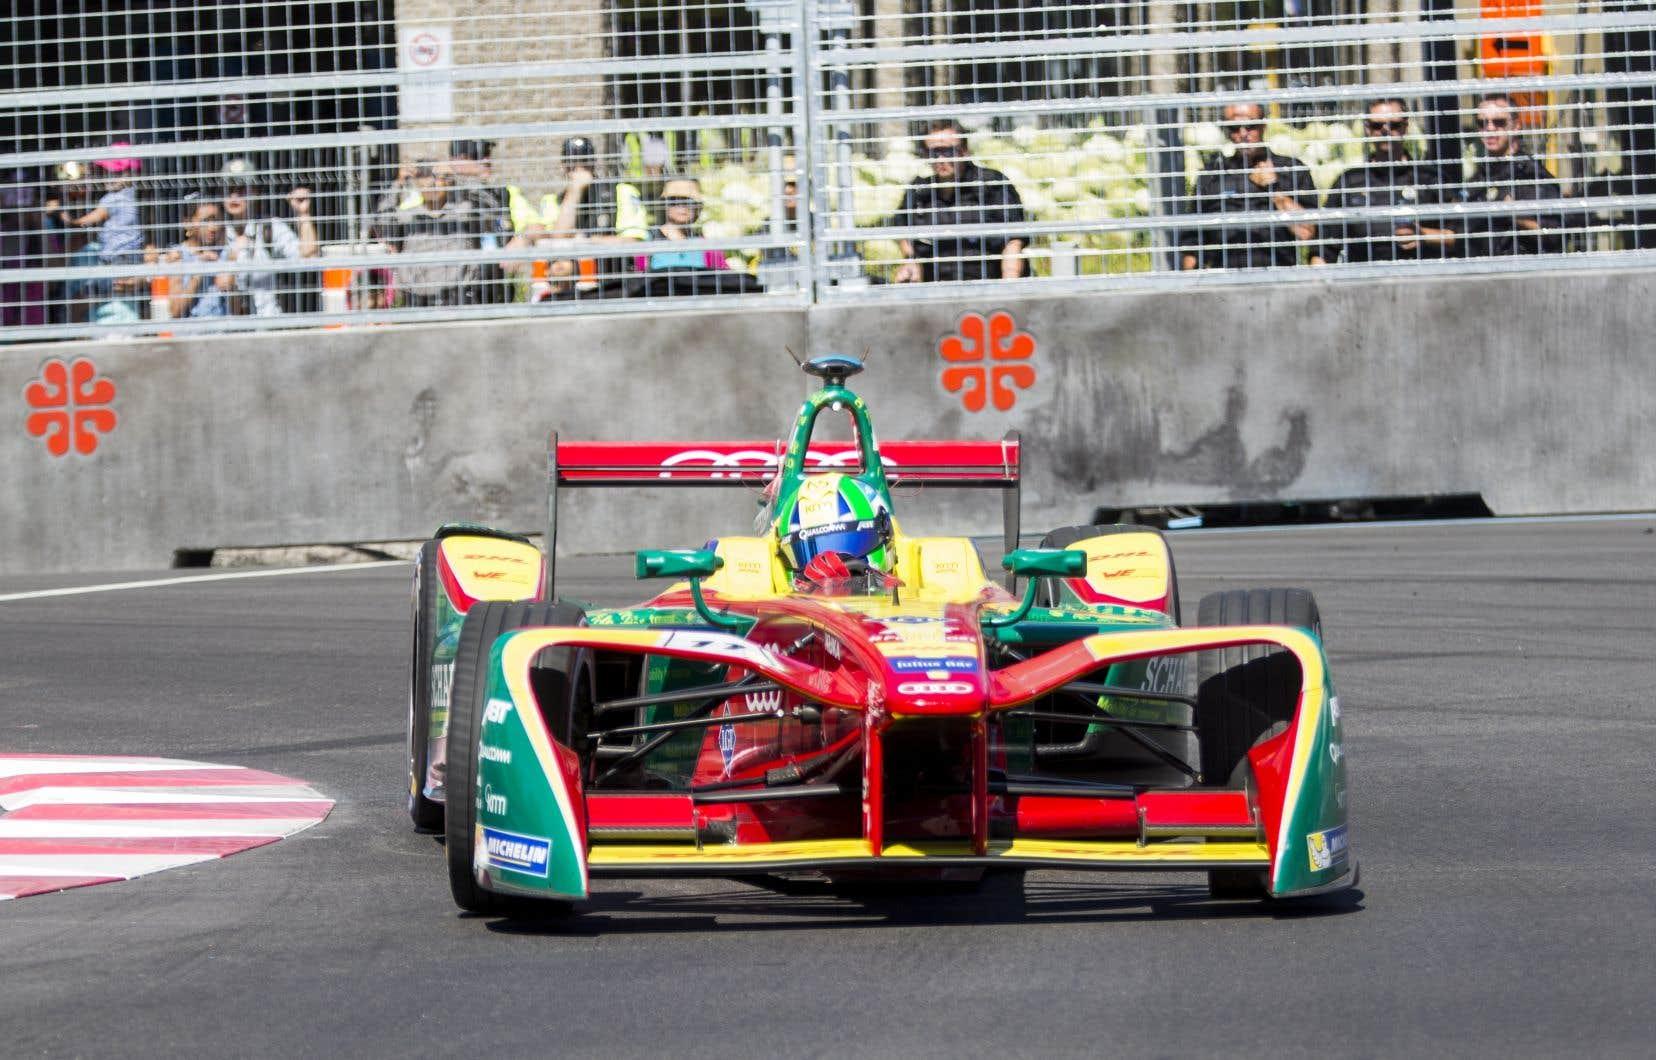 Selon le Bureau de l'inspecteur général, l'OBNL Montréal c'est électrique, qui a organisé la course de Formule électrique, a été utilisé pour contourner les règles d'octroi de contrats.